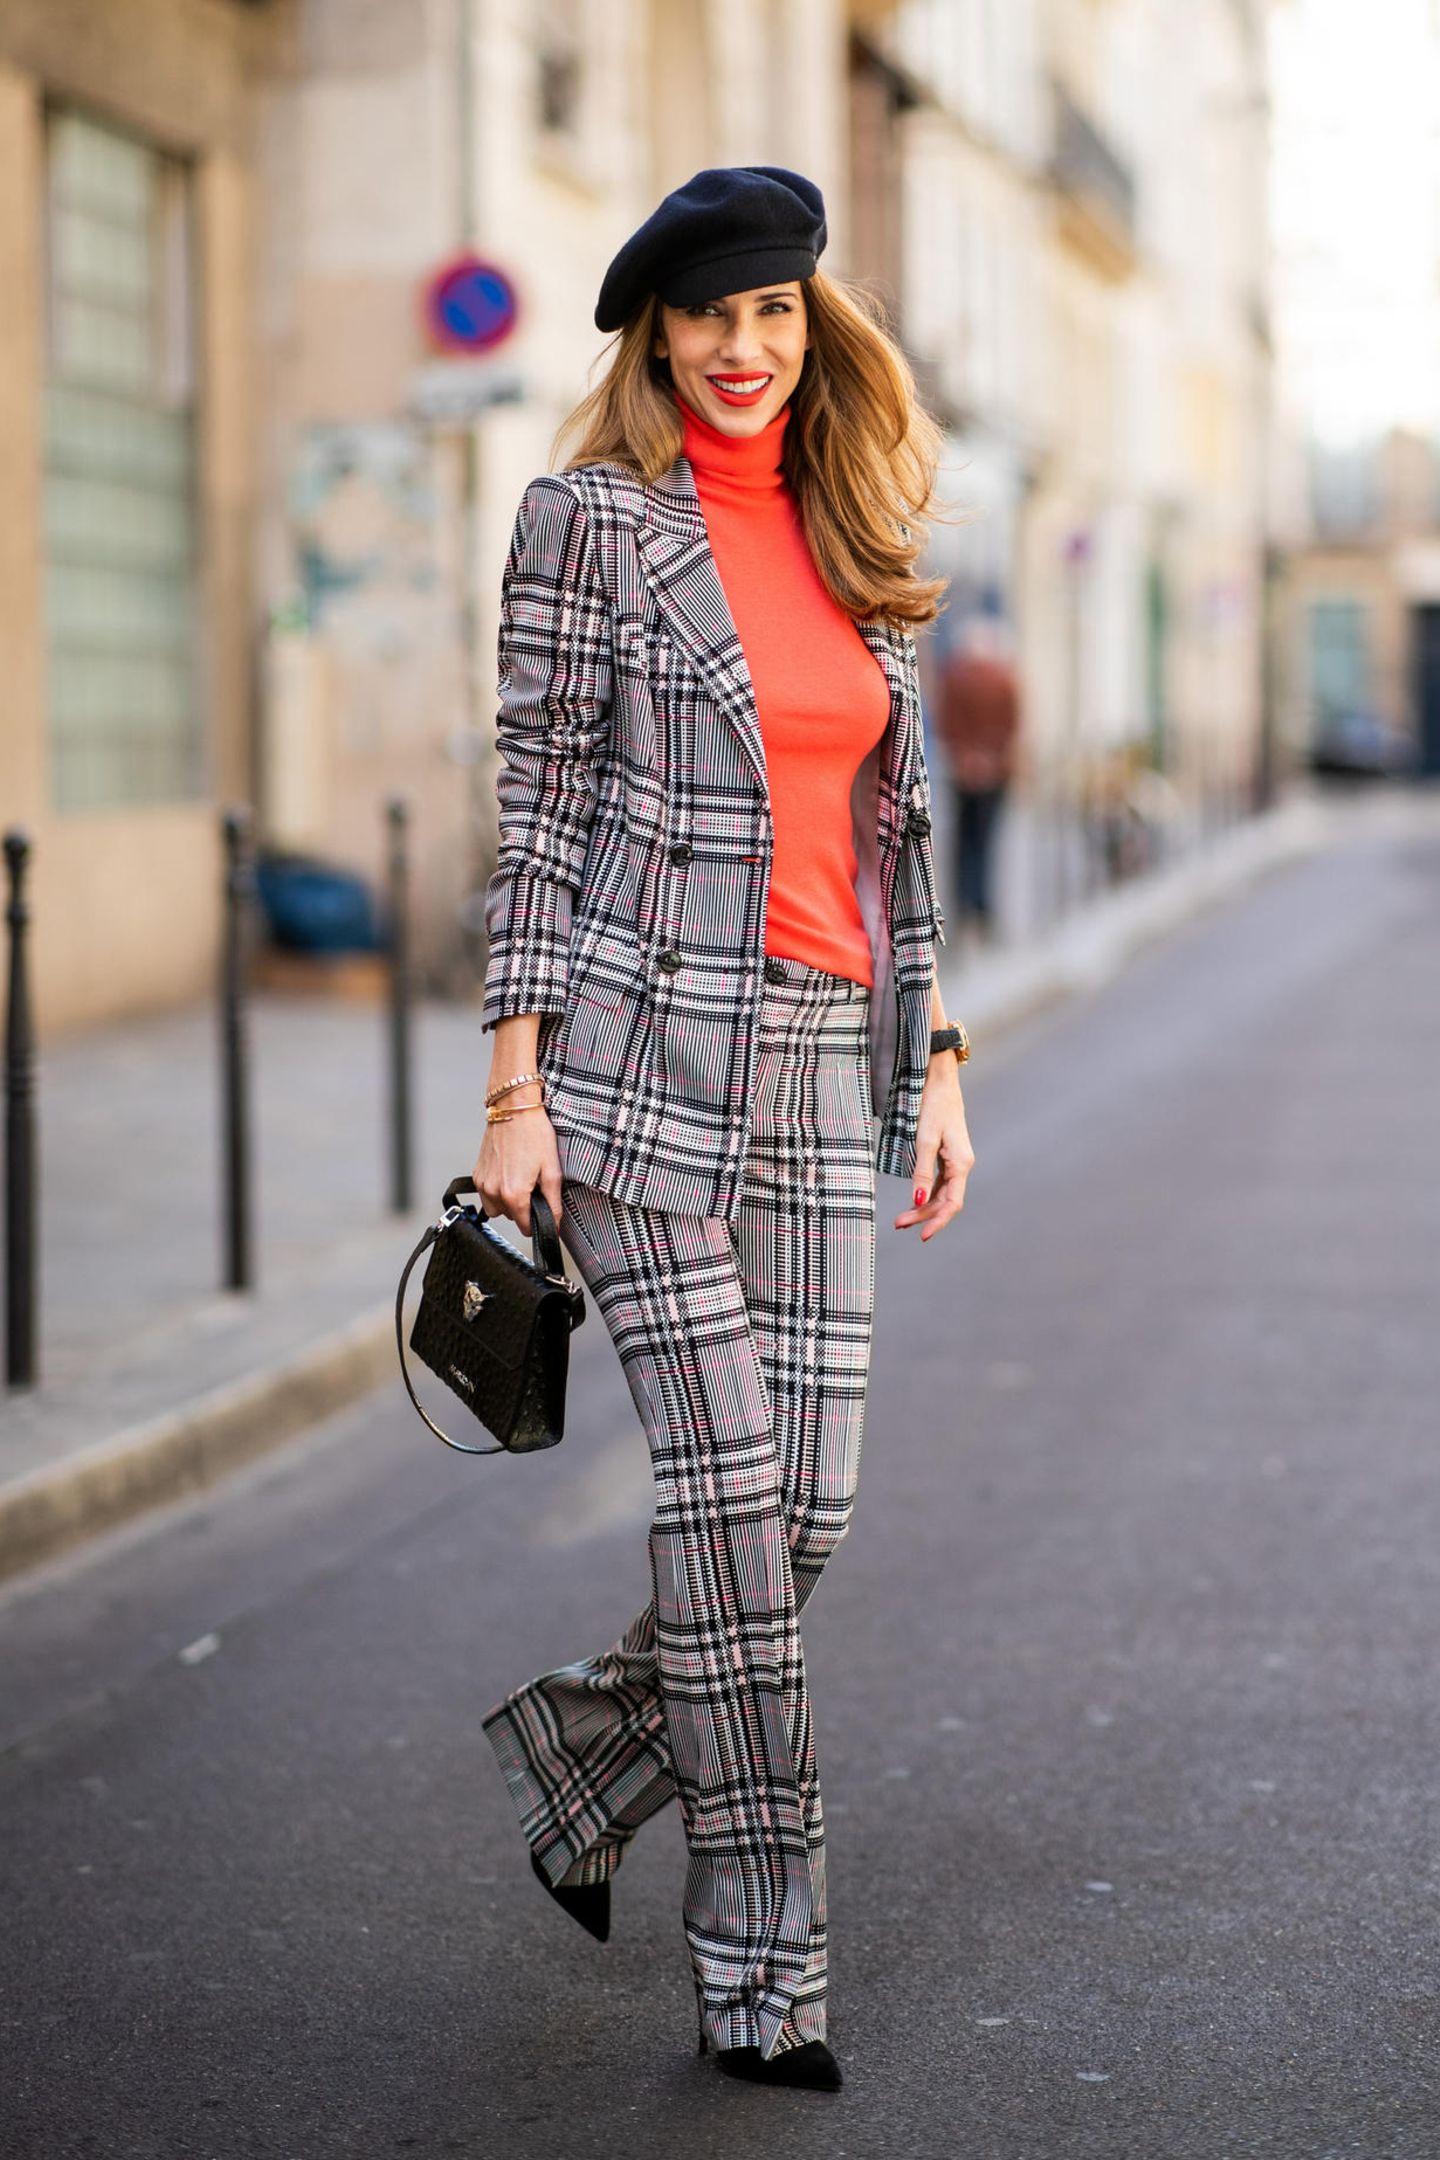 Bloggerin Alexandra Lapp passt sich zur Fashion Week in Paris natürlich auch Outfit-technisch der Stadt an. In einem karierten Hosenanzug mit knalligem Rollkragen-Pullover und raffinierten Details schlendert sie durch die Mode-Metropole.